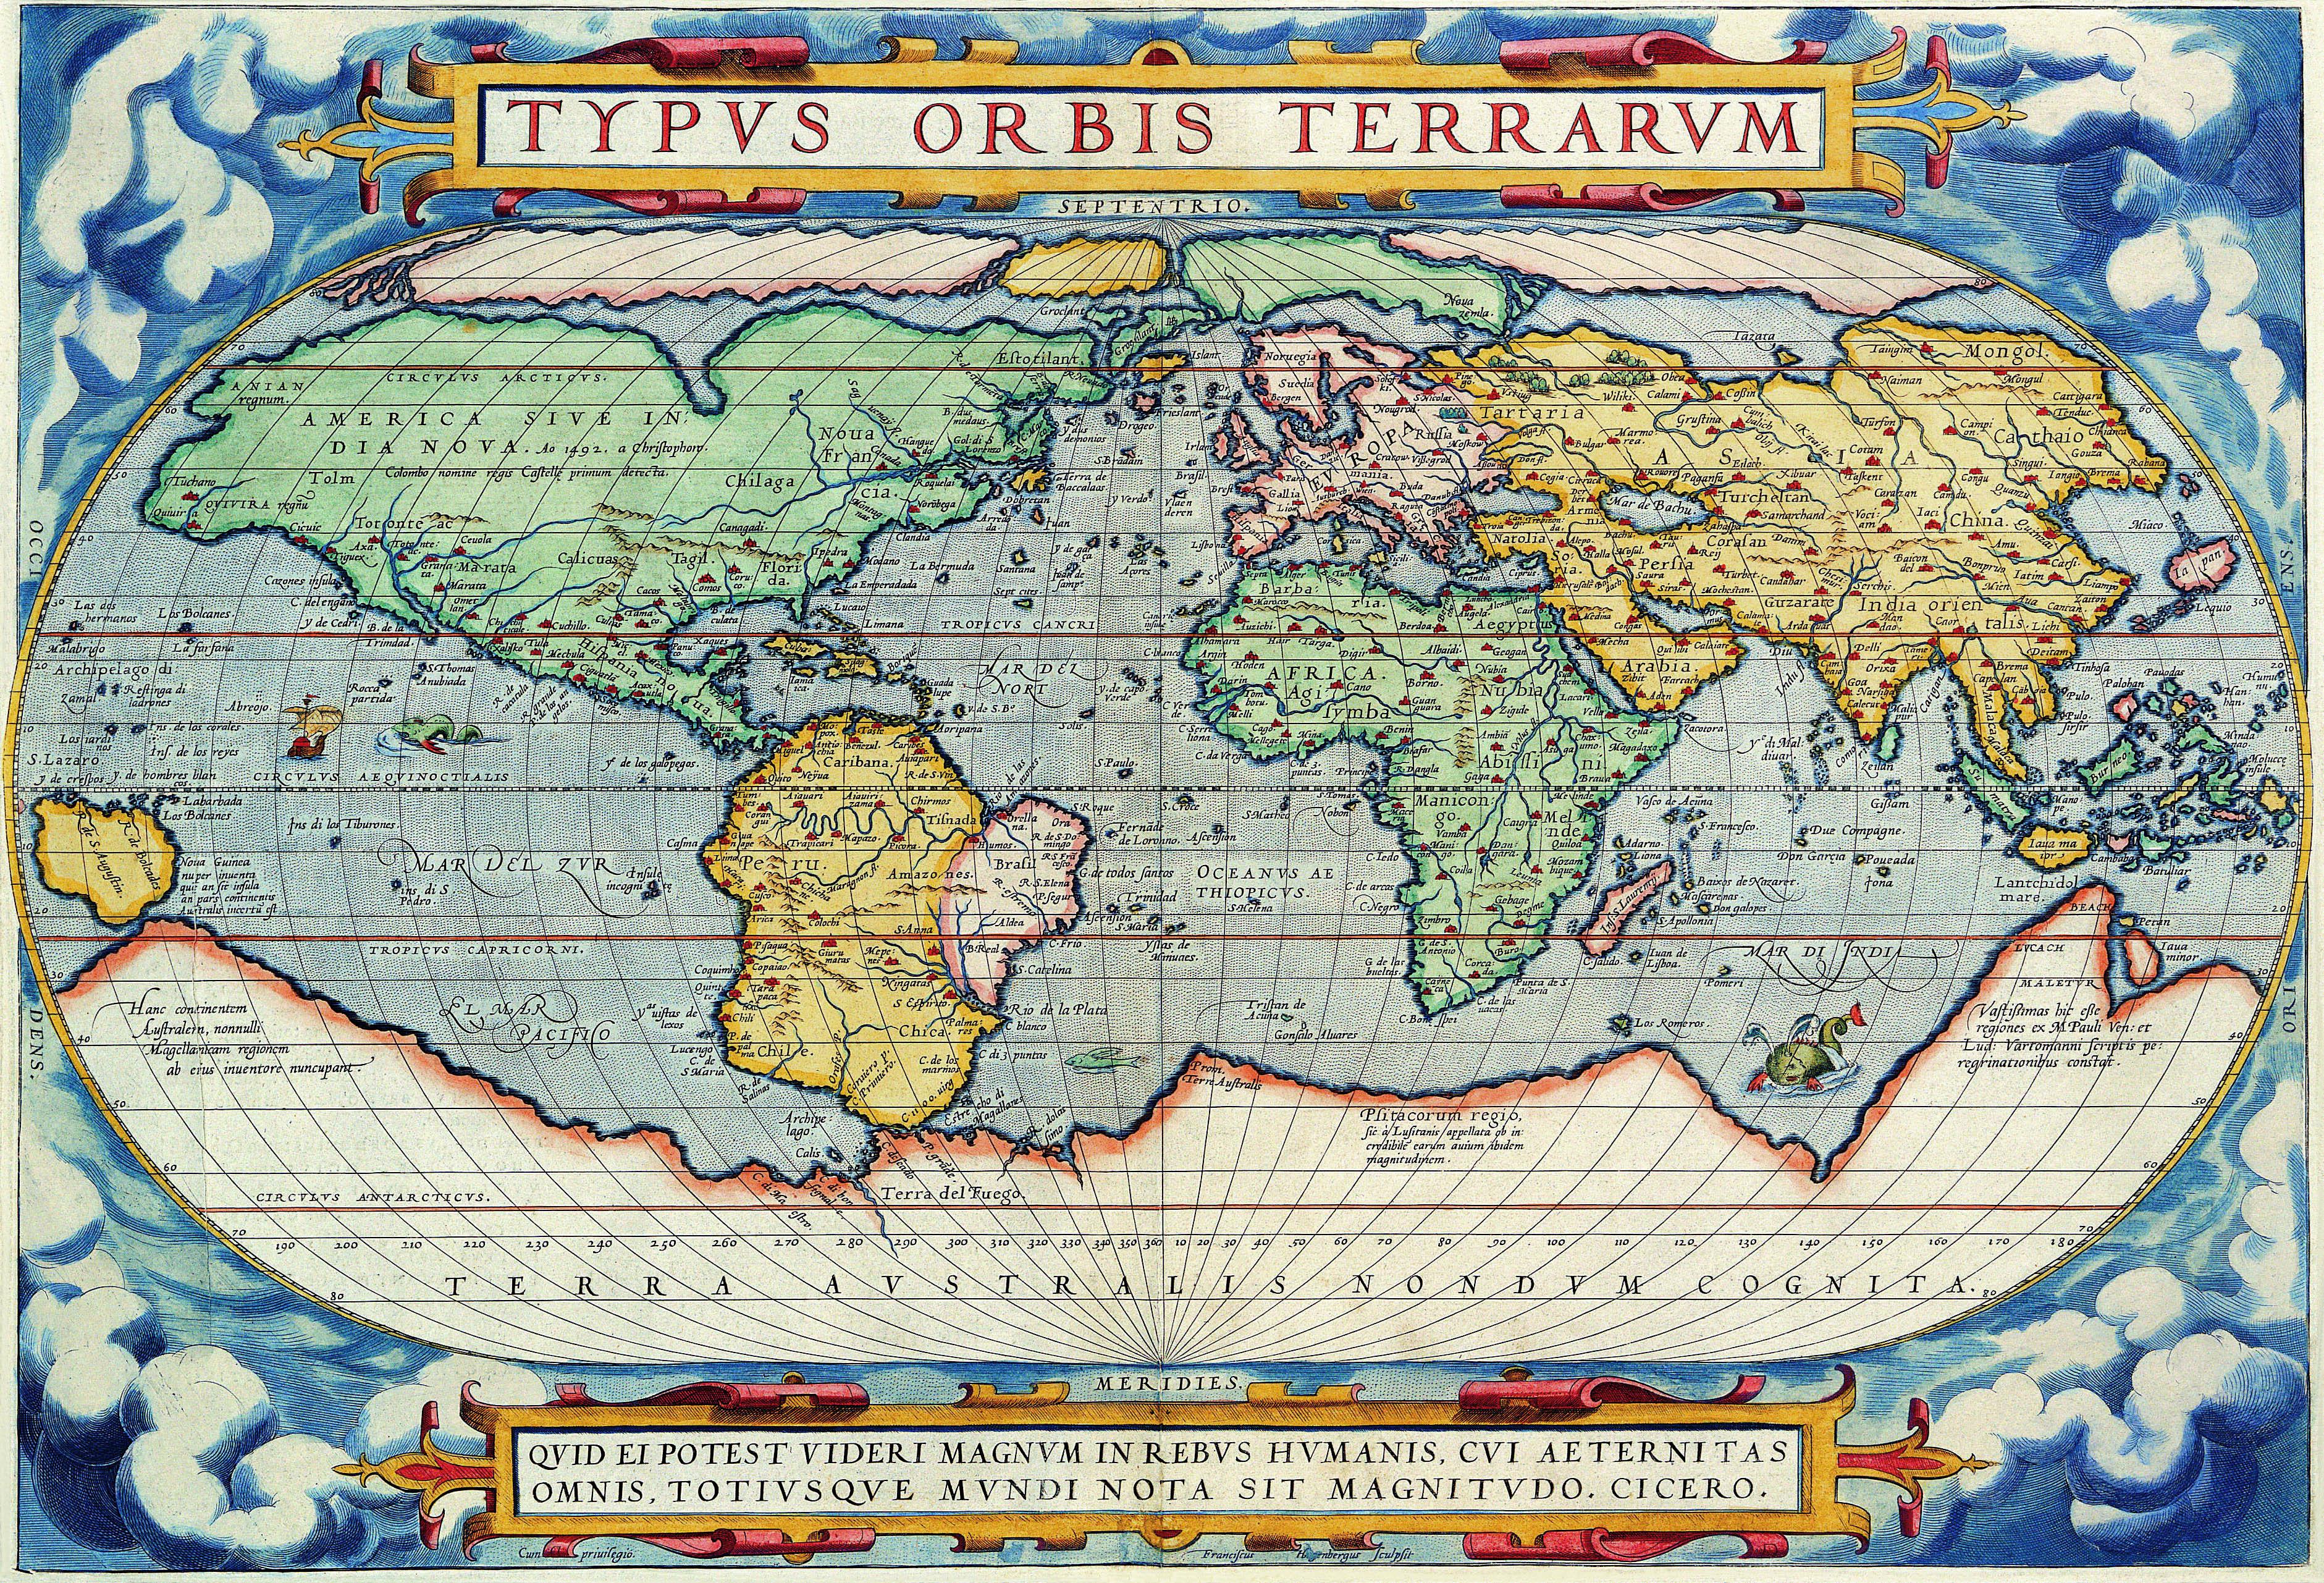 1575 Francois De Belleforest